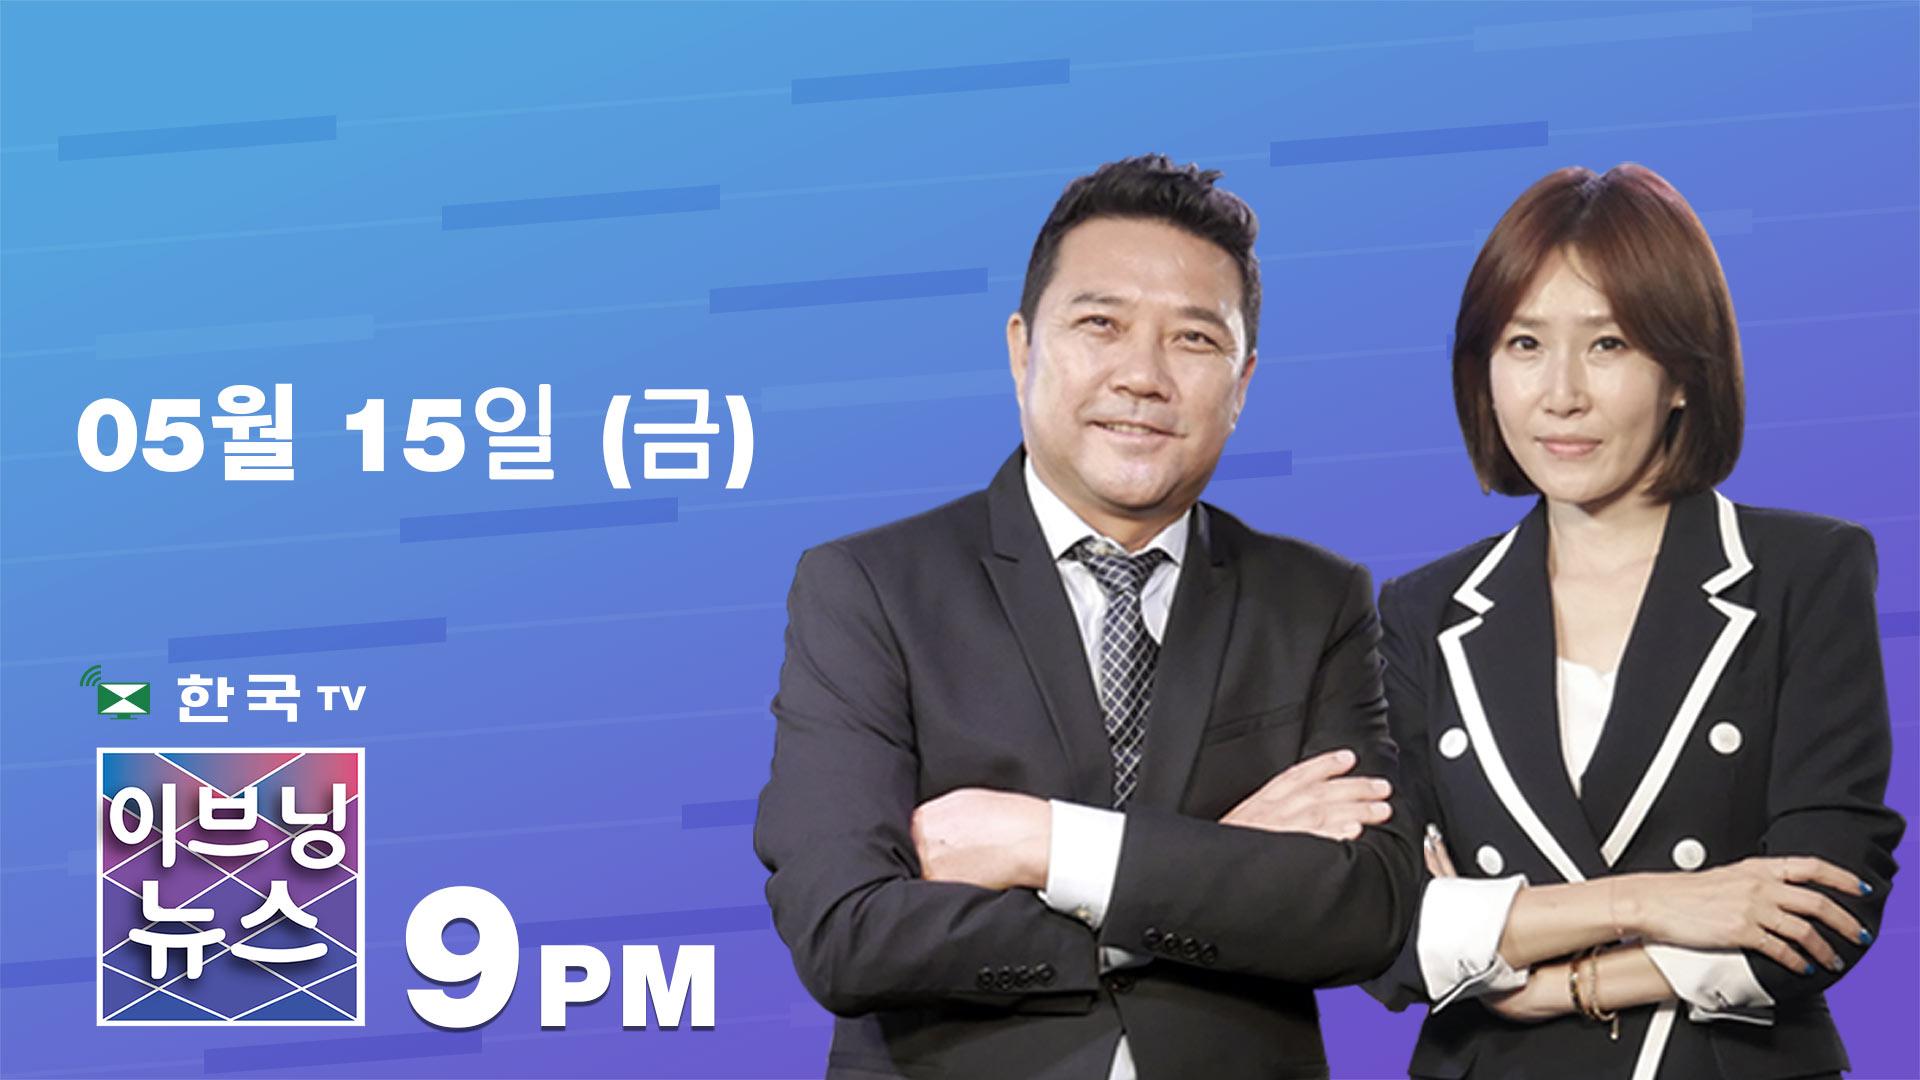 (05.15.2020) 한국TV 이브닝 뉴스